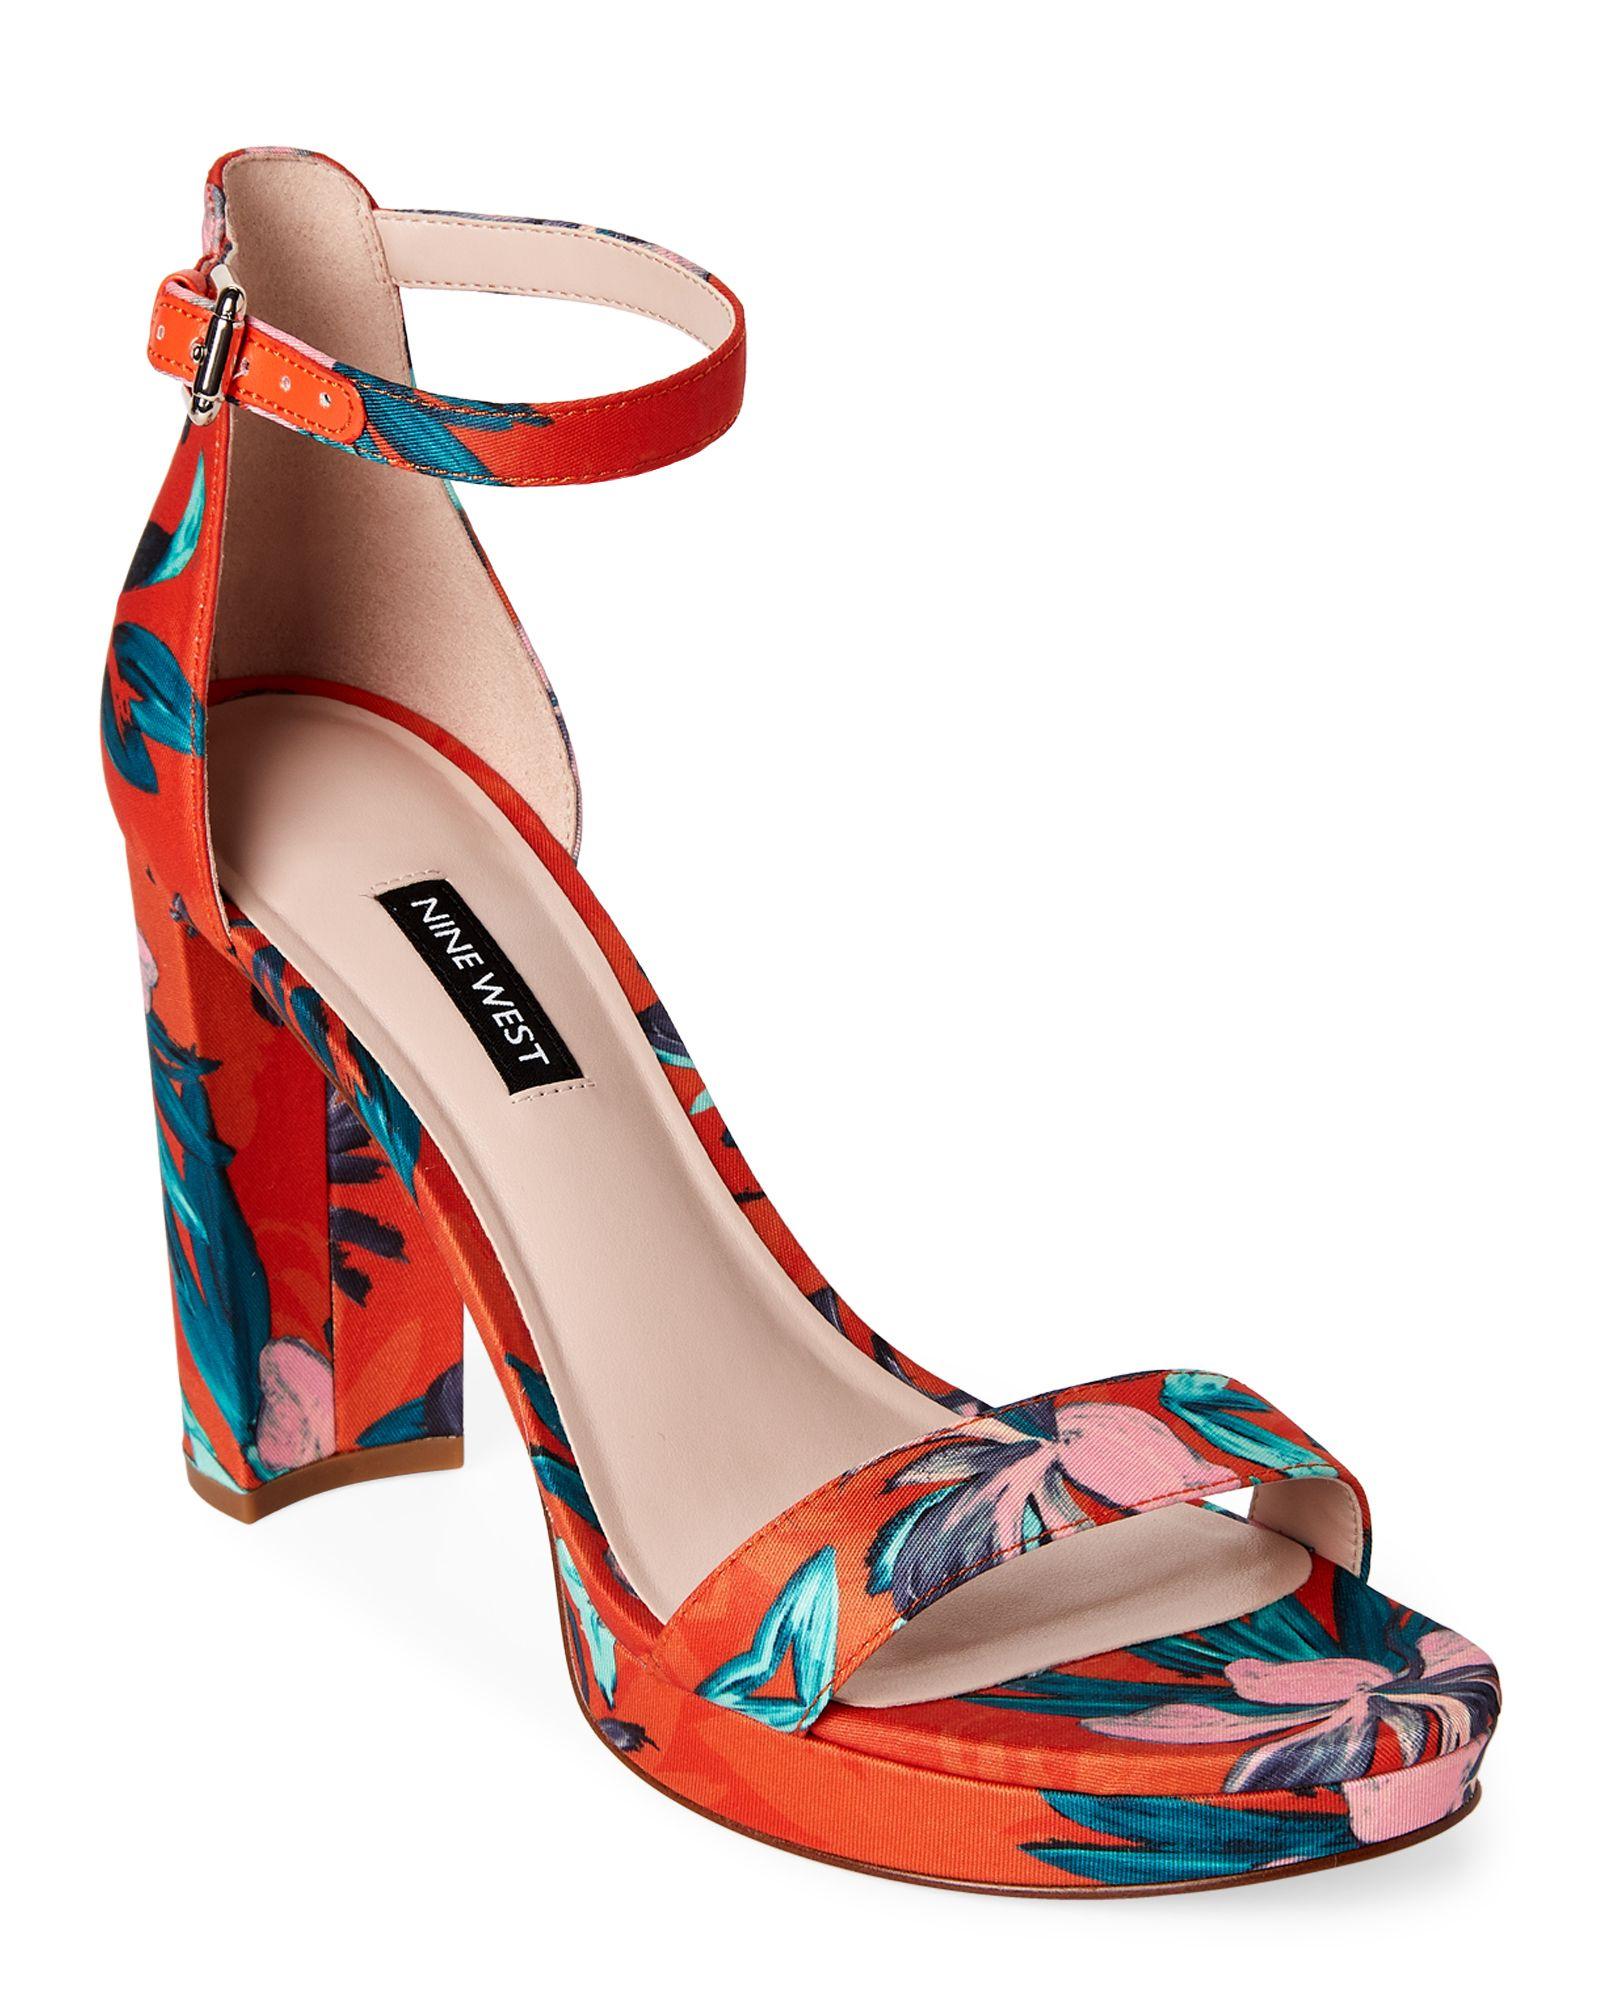 d1cd796ff57907 Nine West Orange Dempsey Floral Satin Block Heel Sandals